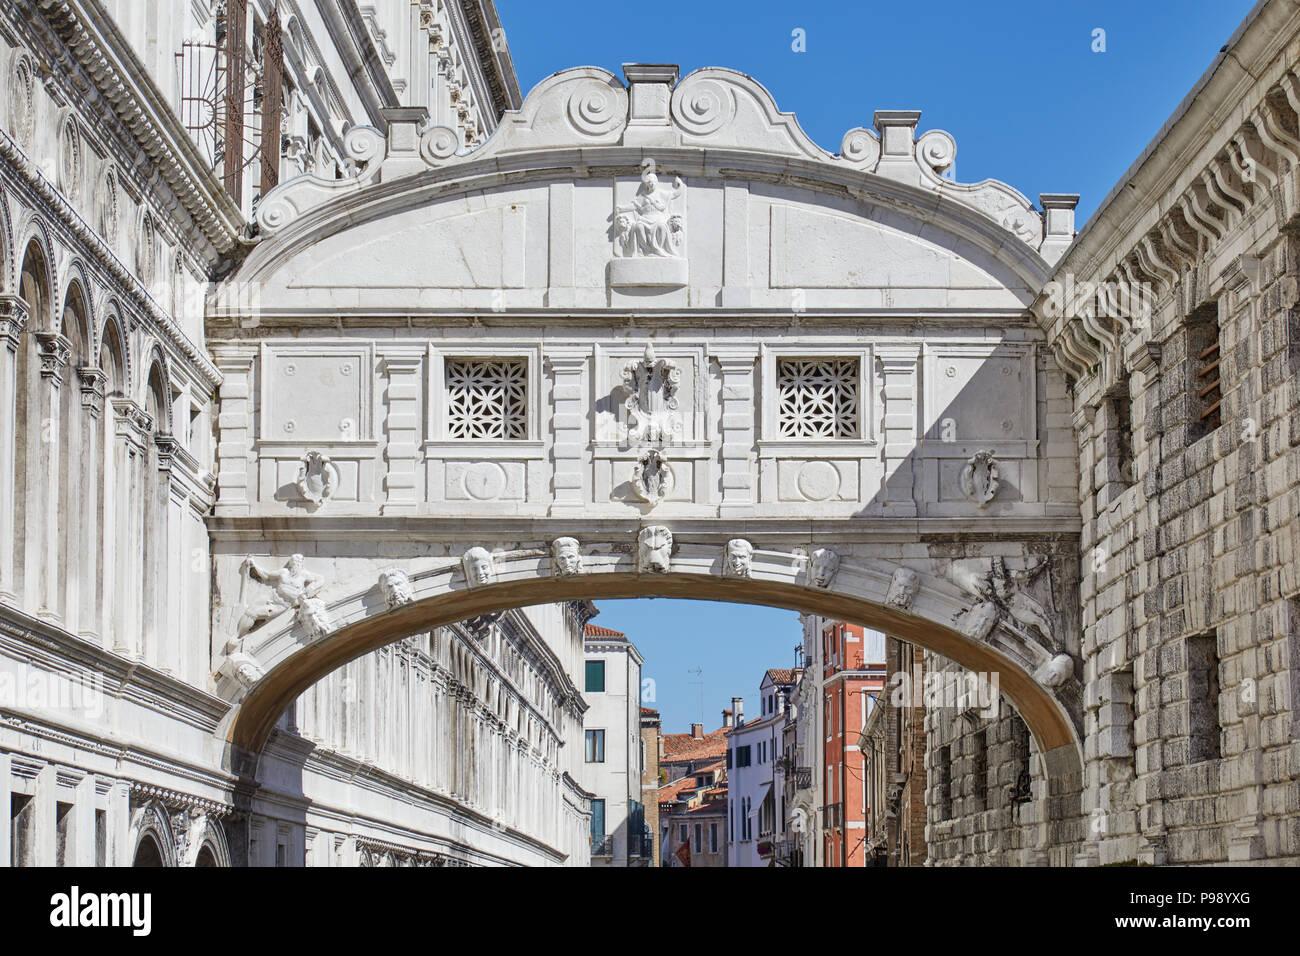 Puente de los suspiros en Venecia, cielo azul en un día soleado en Italia Imagen De Stock